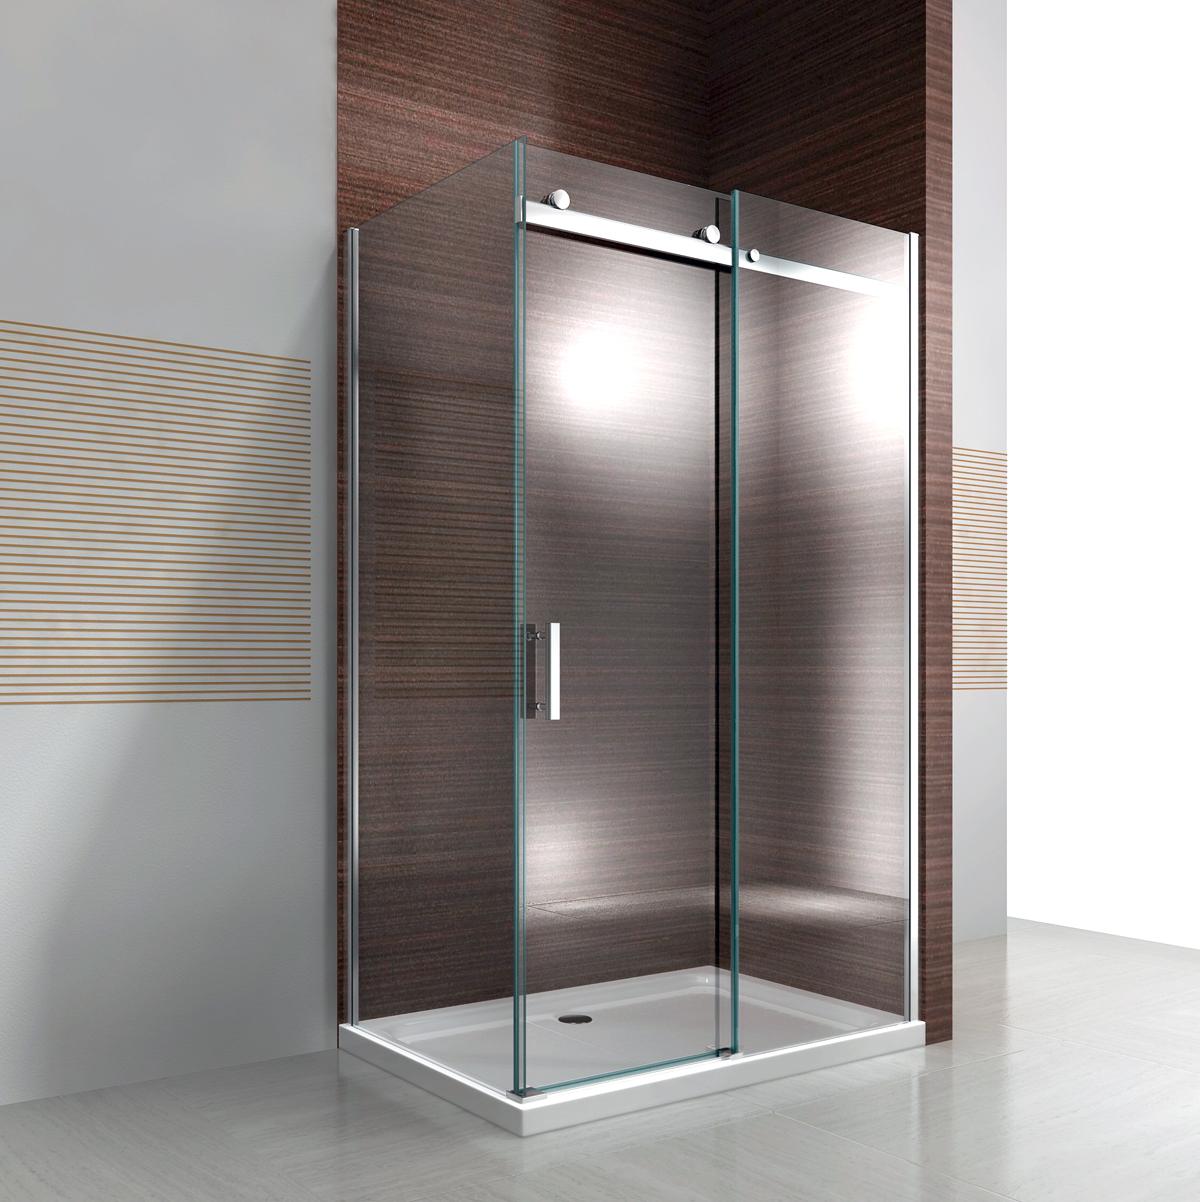 Duschkabine Duschabtrennung Schiebetür NANO ESG- Echtglas Glas 8mm x 1200x 900mm